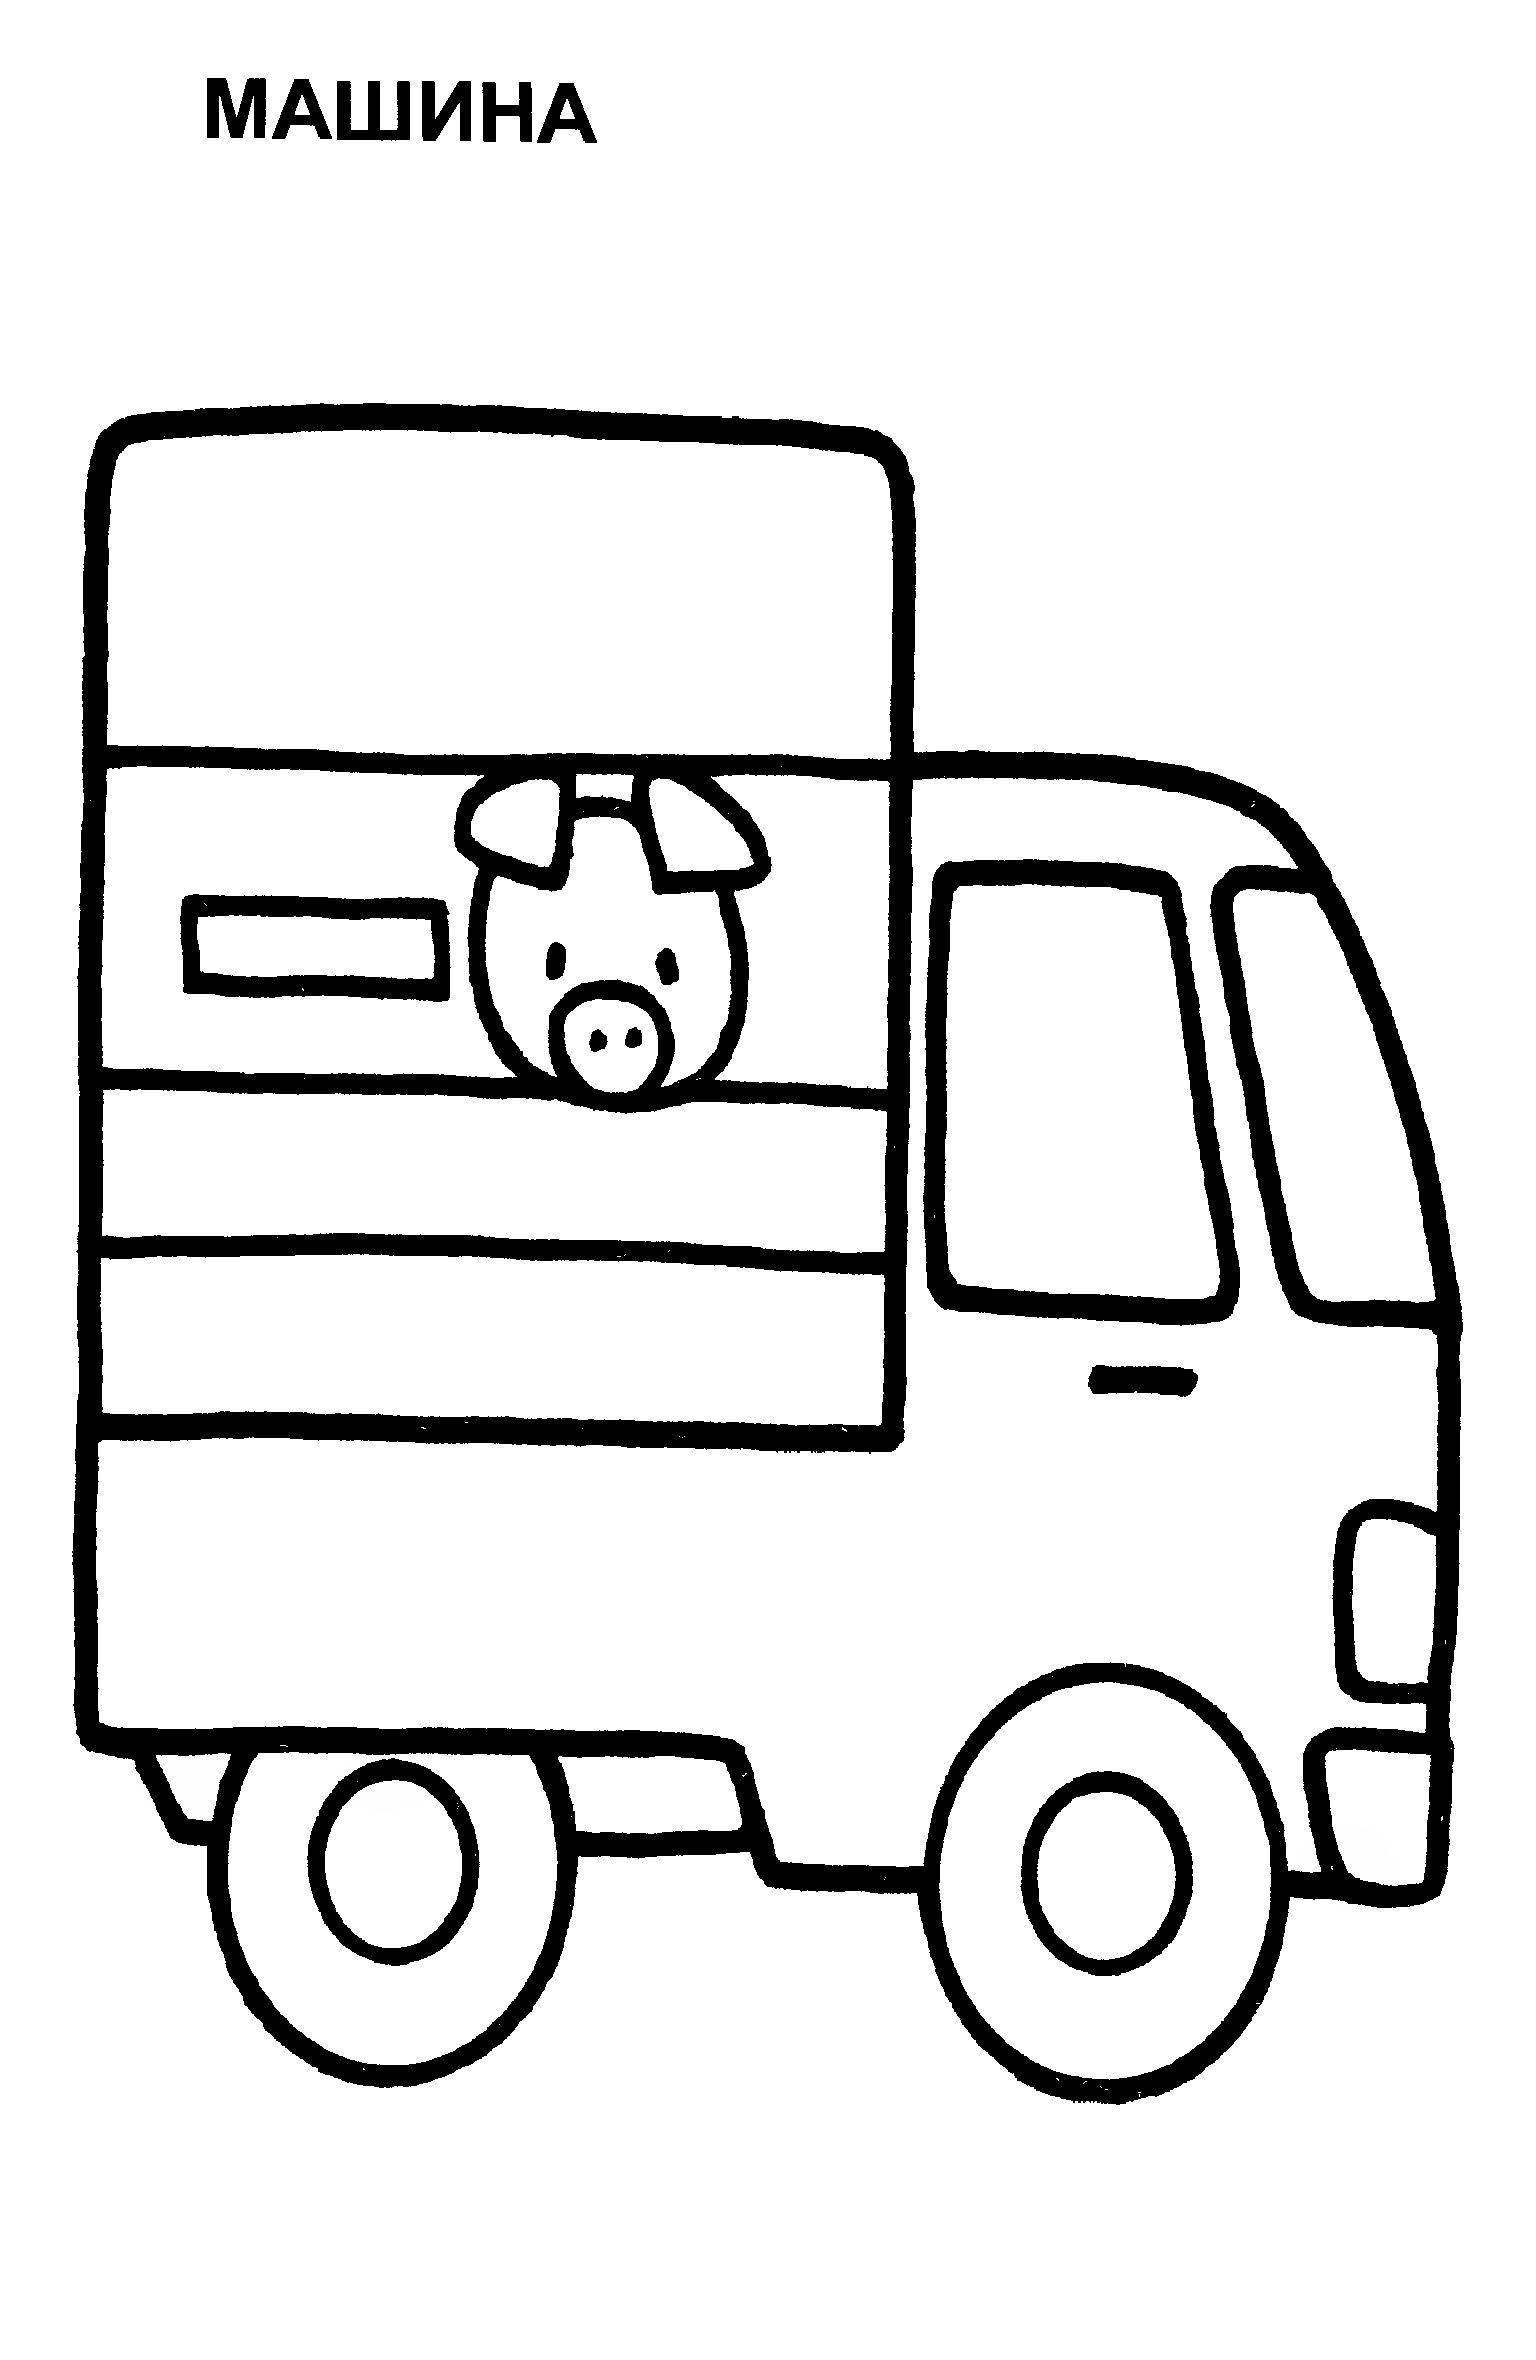 Раскраски для детей скачать одним файлом - 6